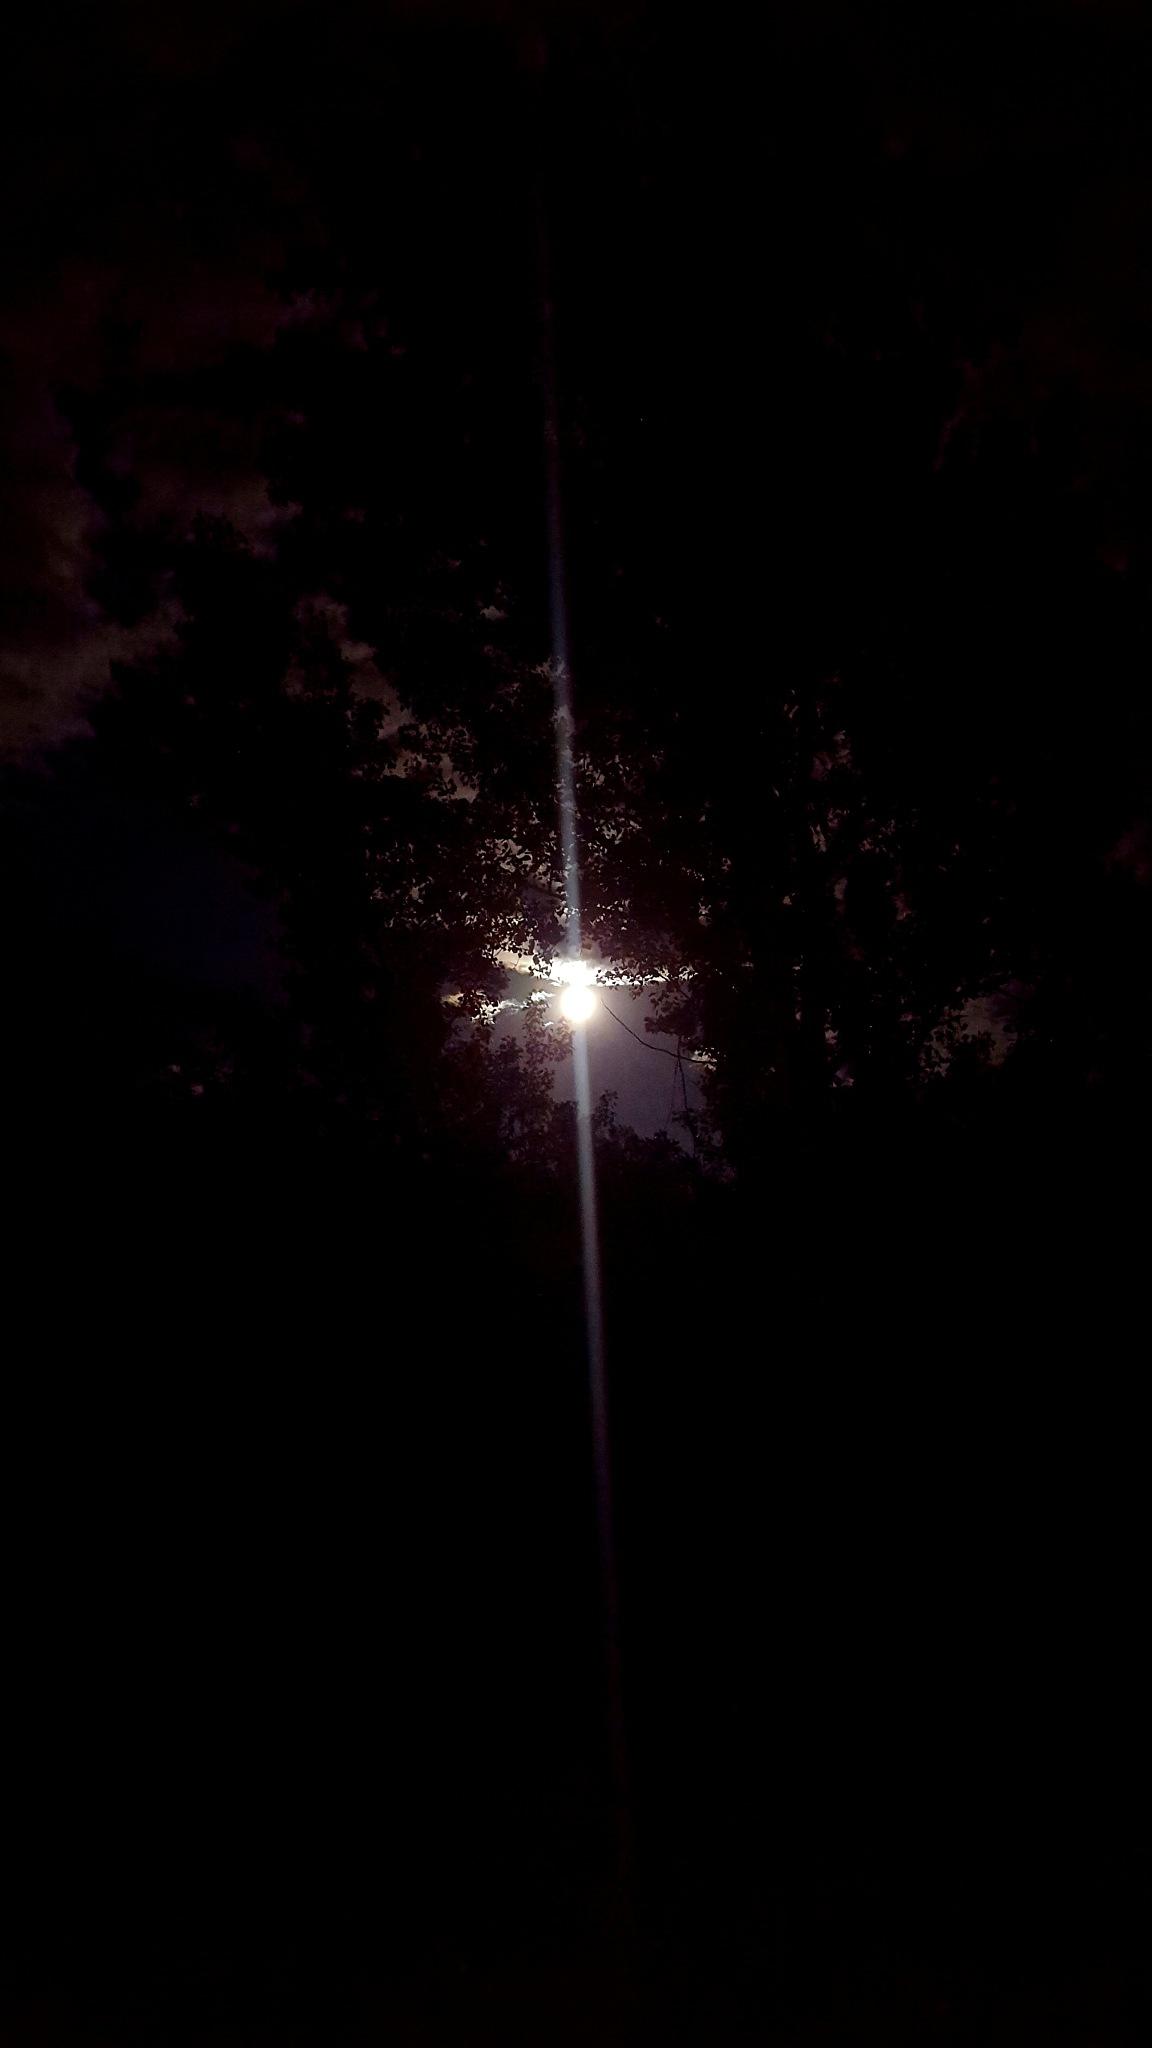 The Shining  by Carolyn Stineman